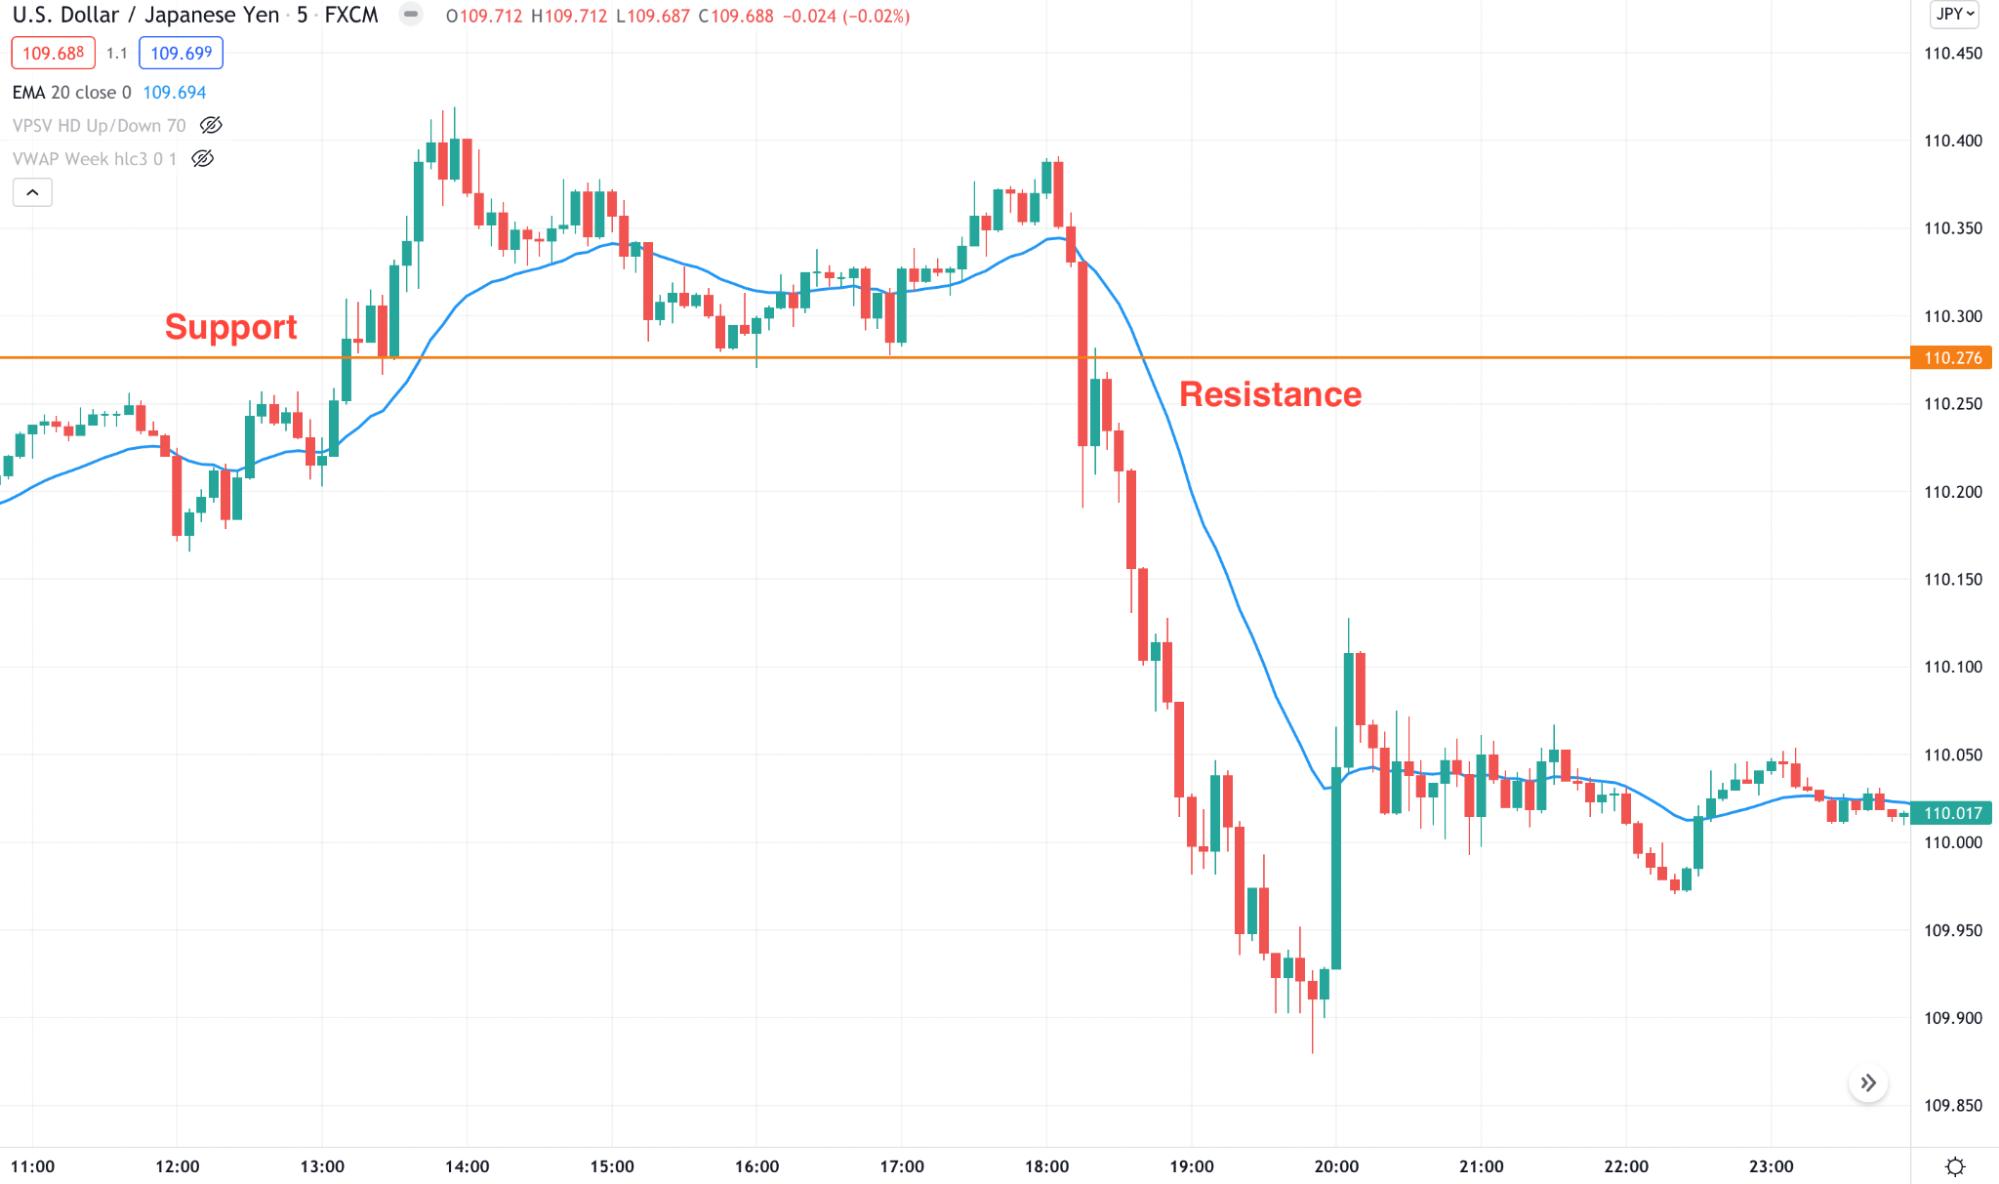 USD/JPY 5m chart